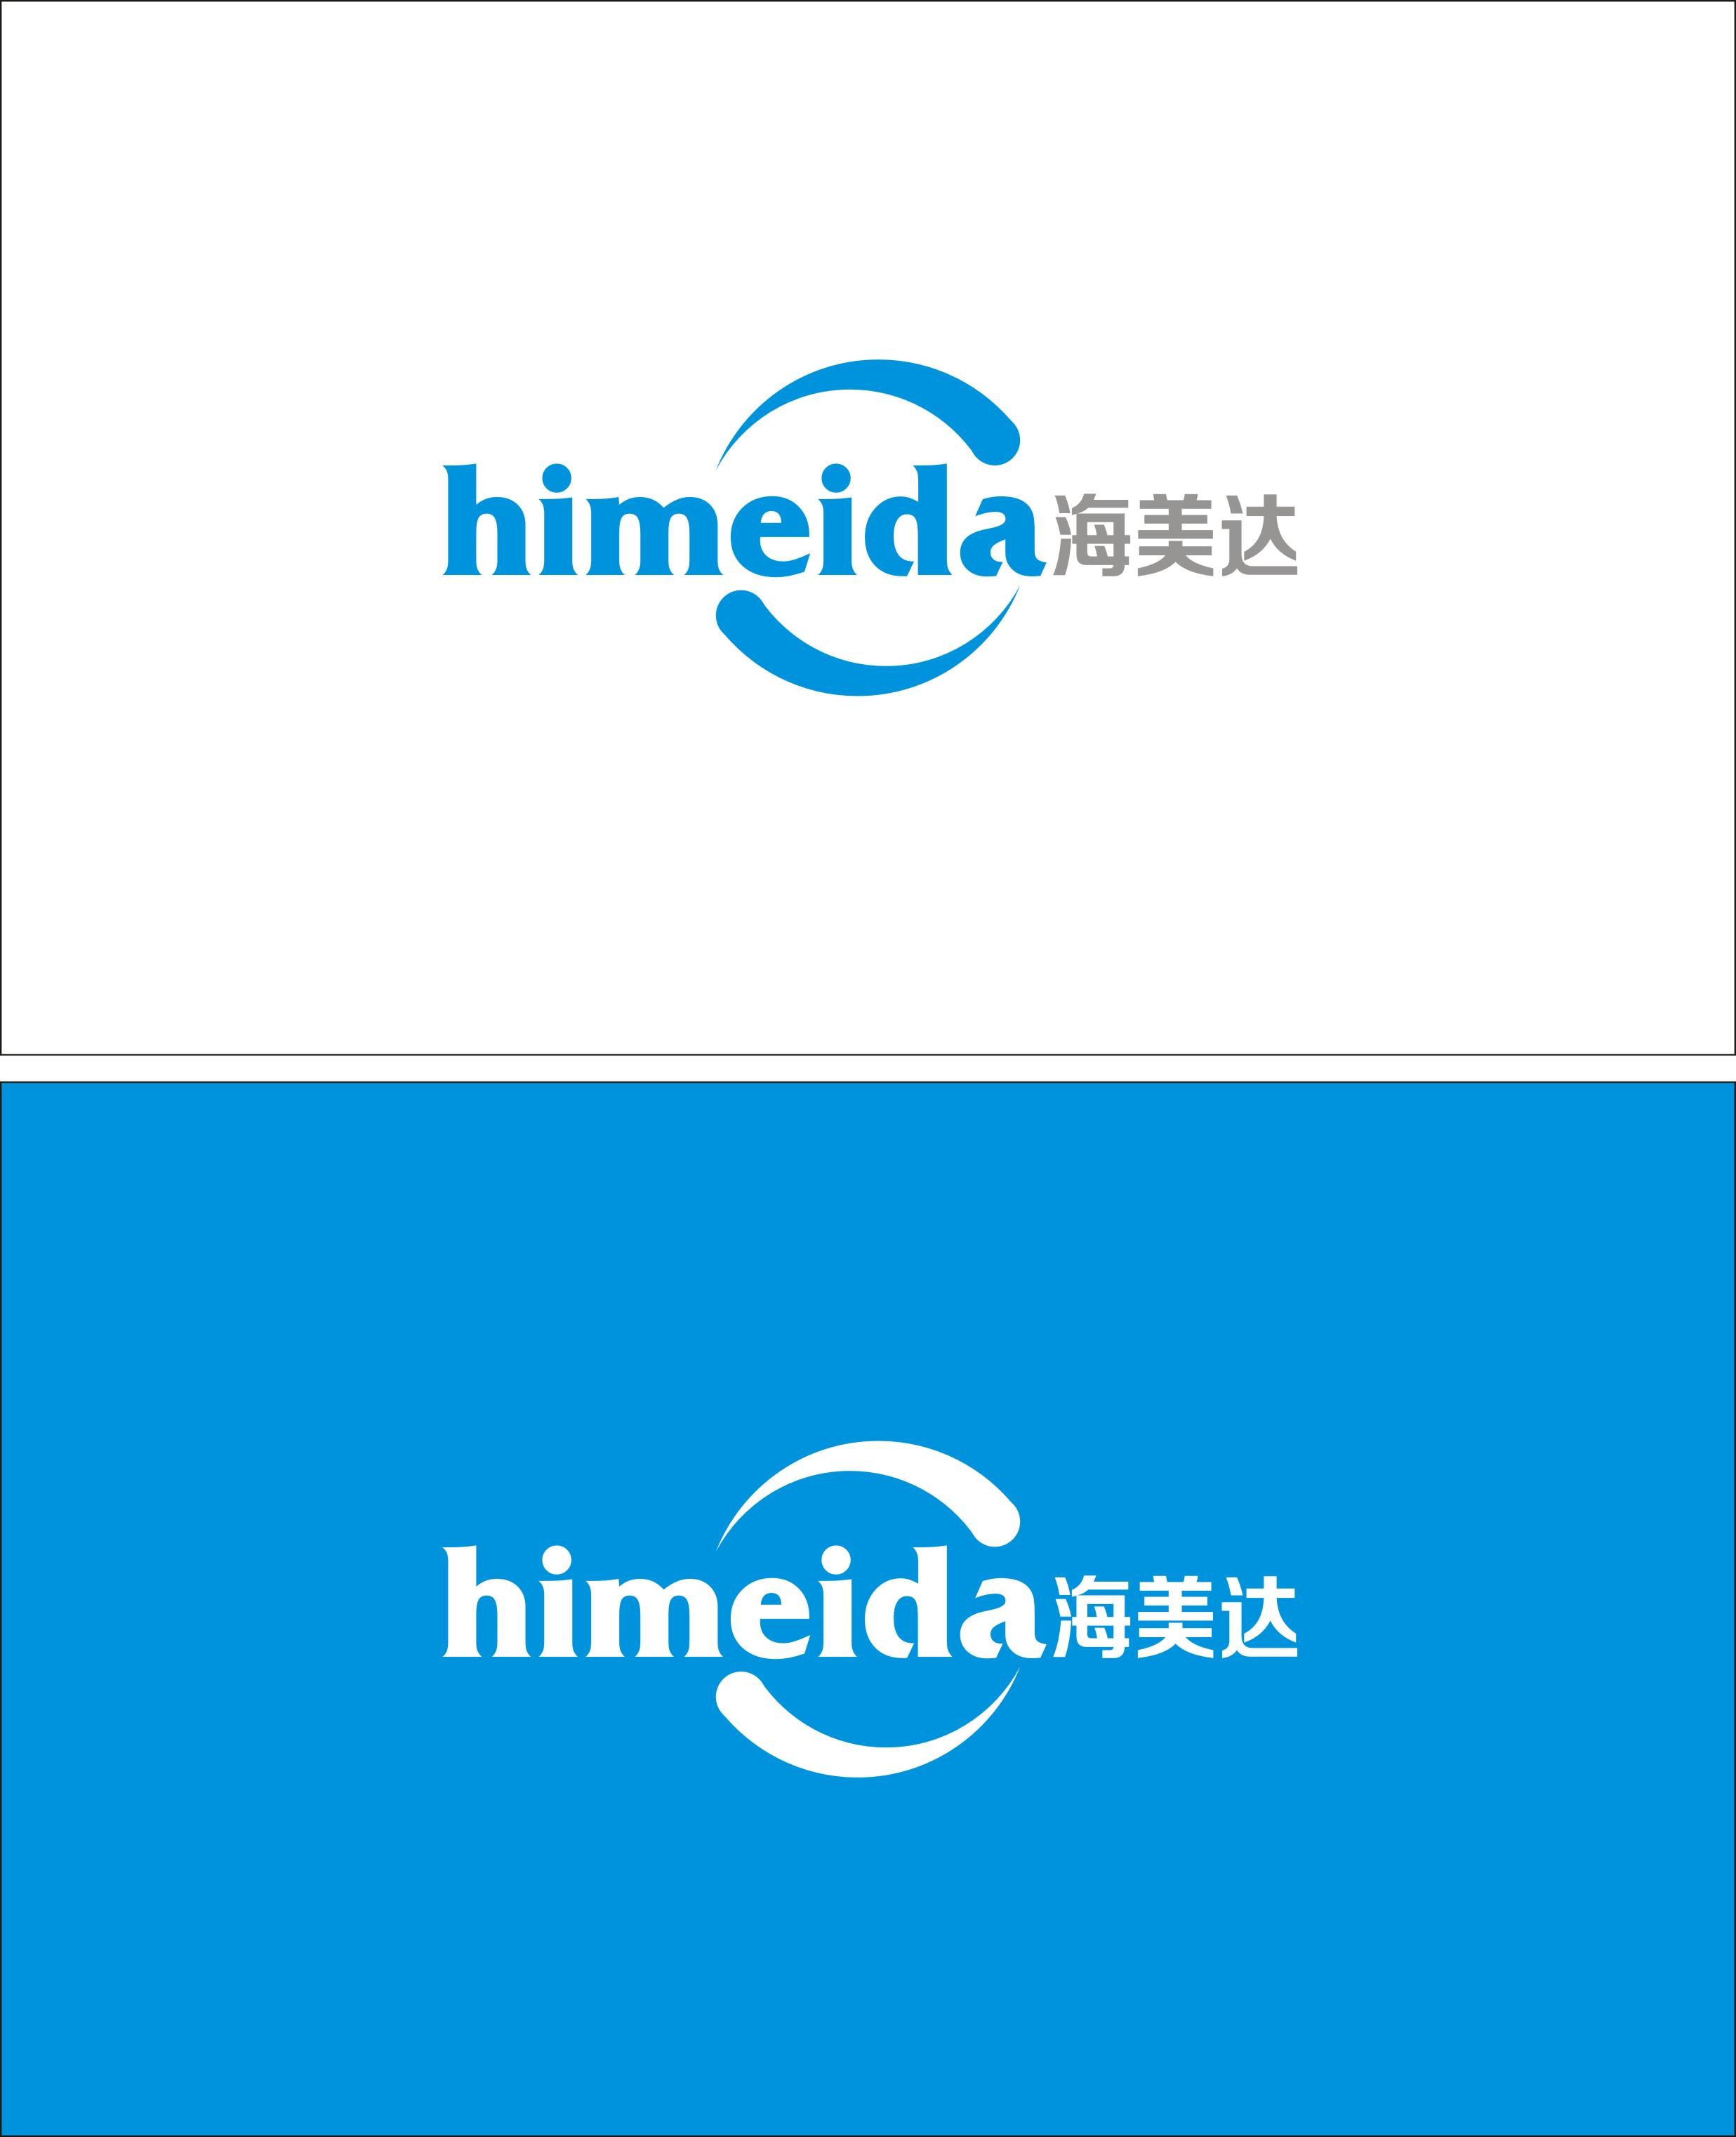 公司标志及名片设计_2938643_k68威客网